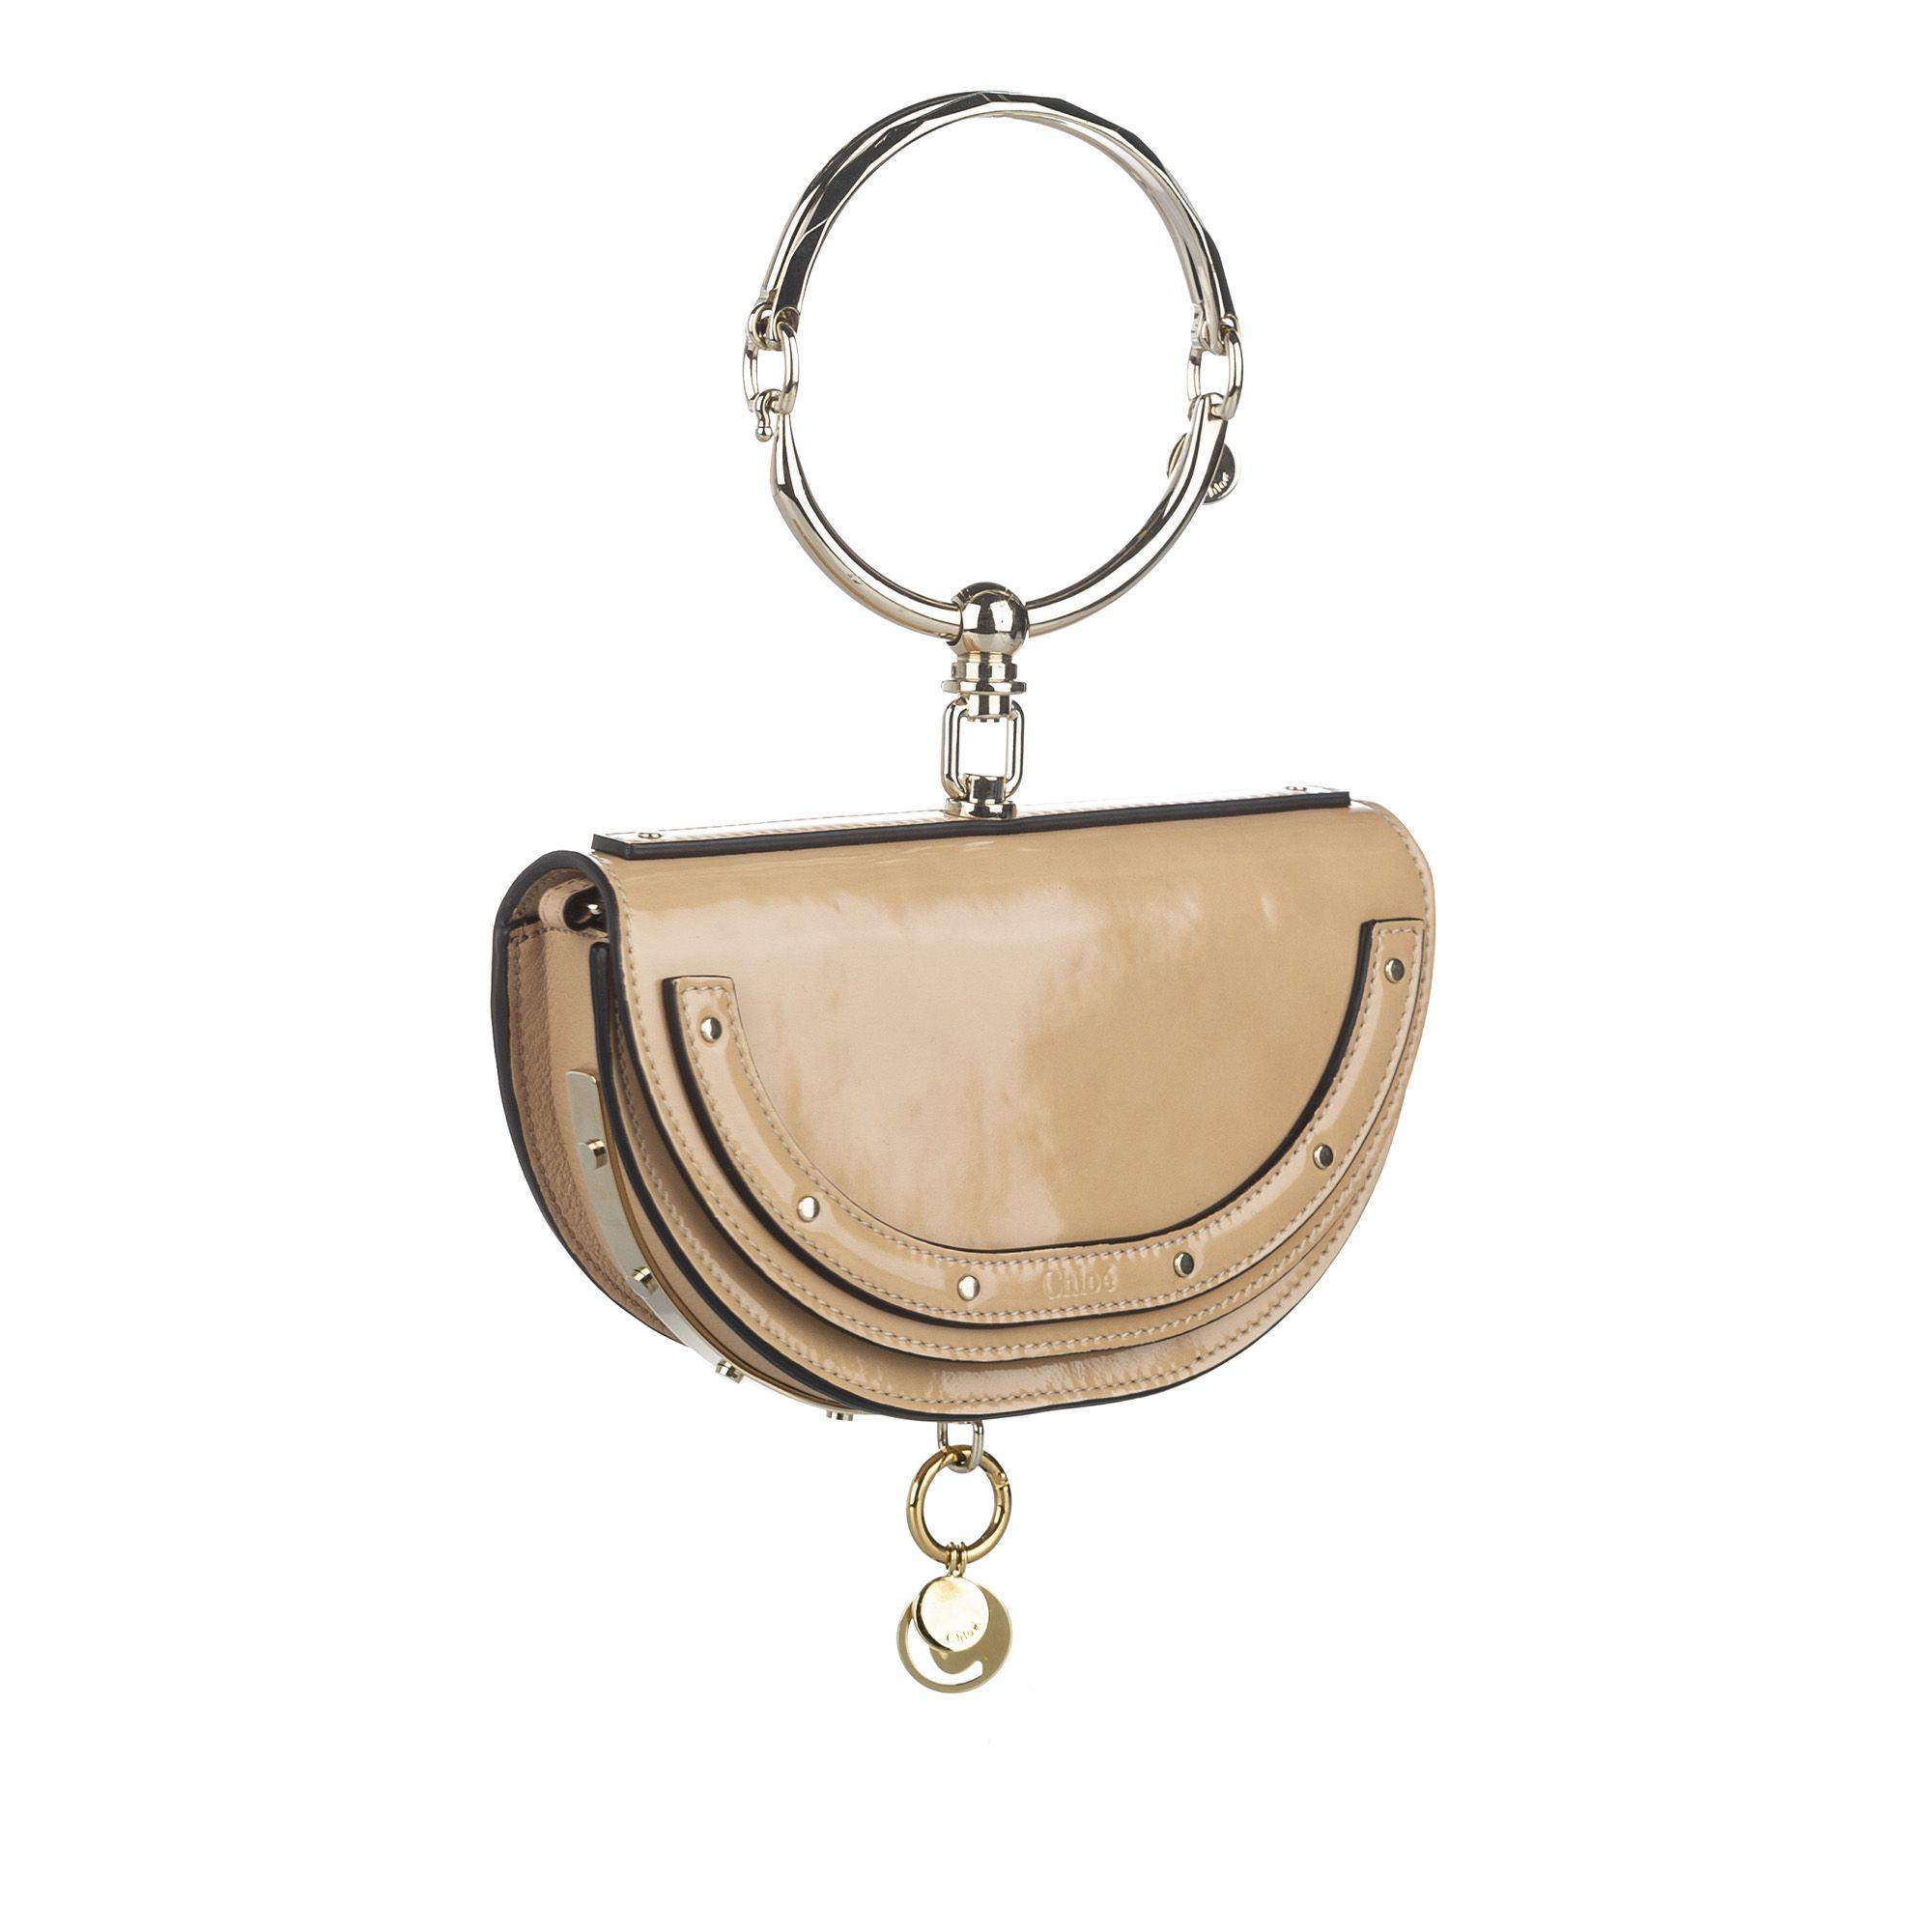 Vintage Chloe Nile Minaudiere Crossbody Bag Brown